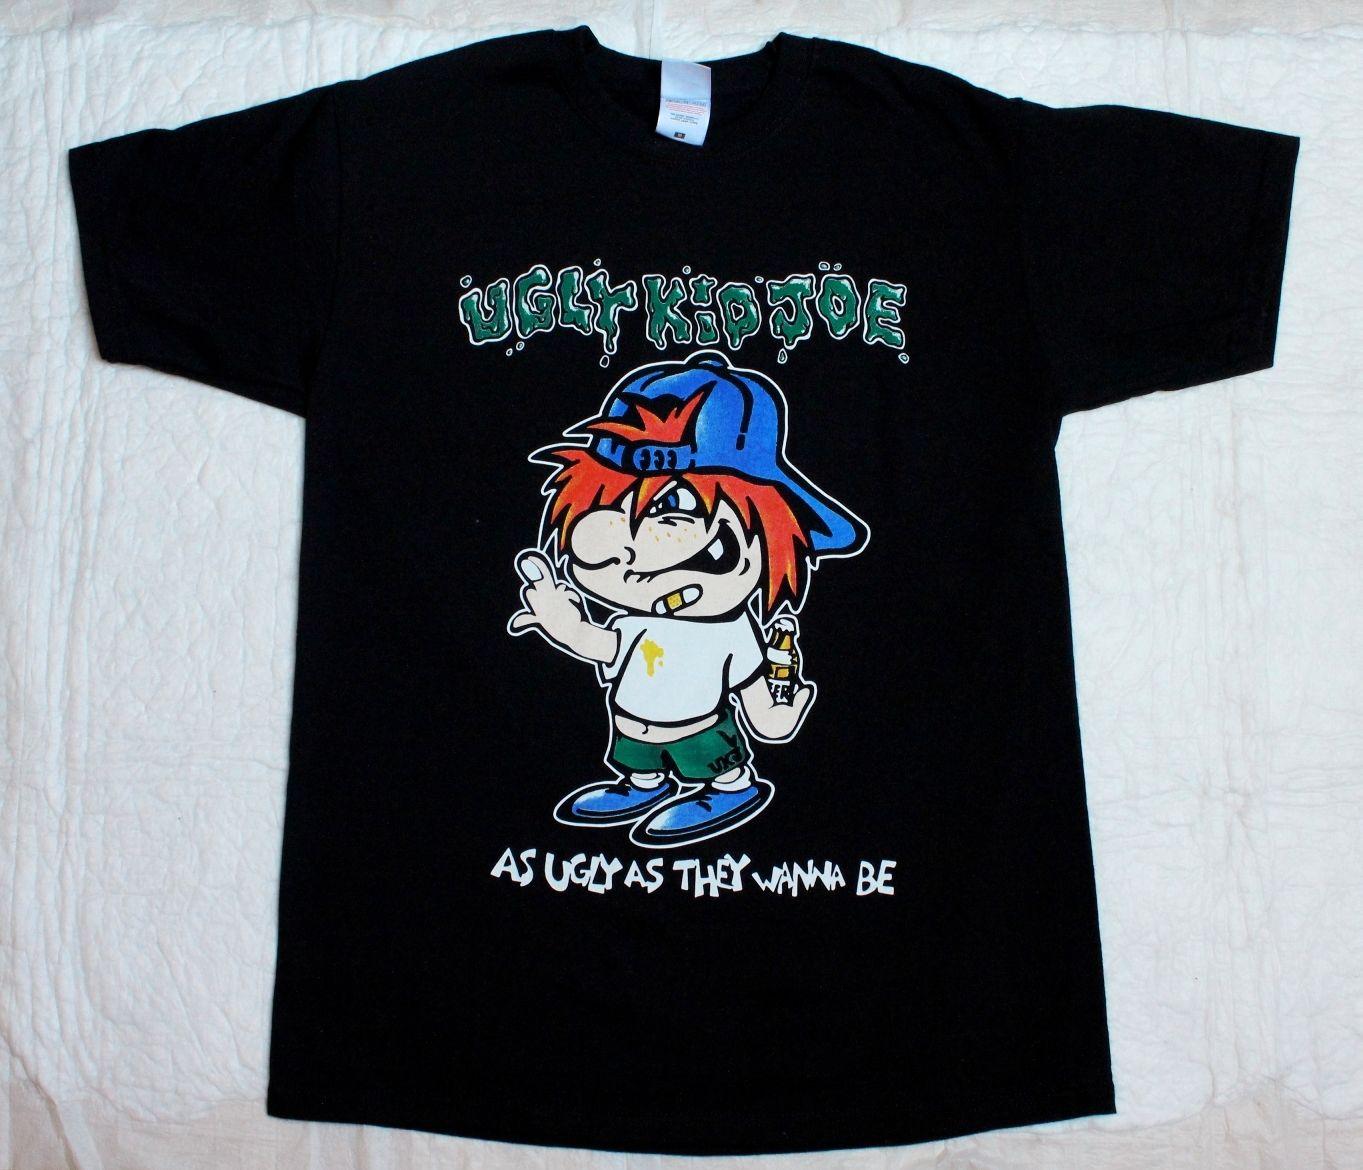 Feo chico JOE feo como quieren BE91 duro ROCK Alternativo nuevo negro camiseta